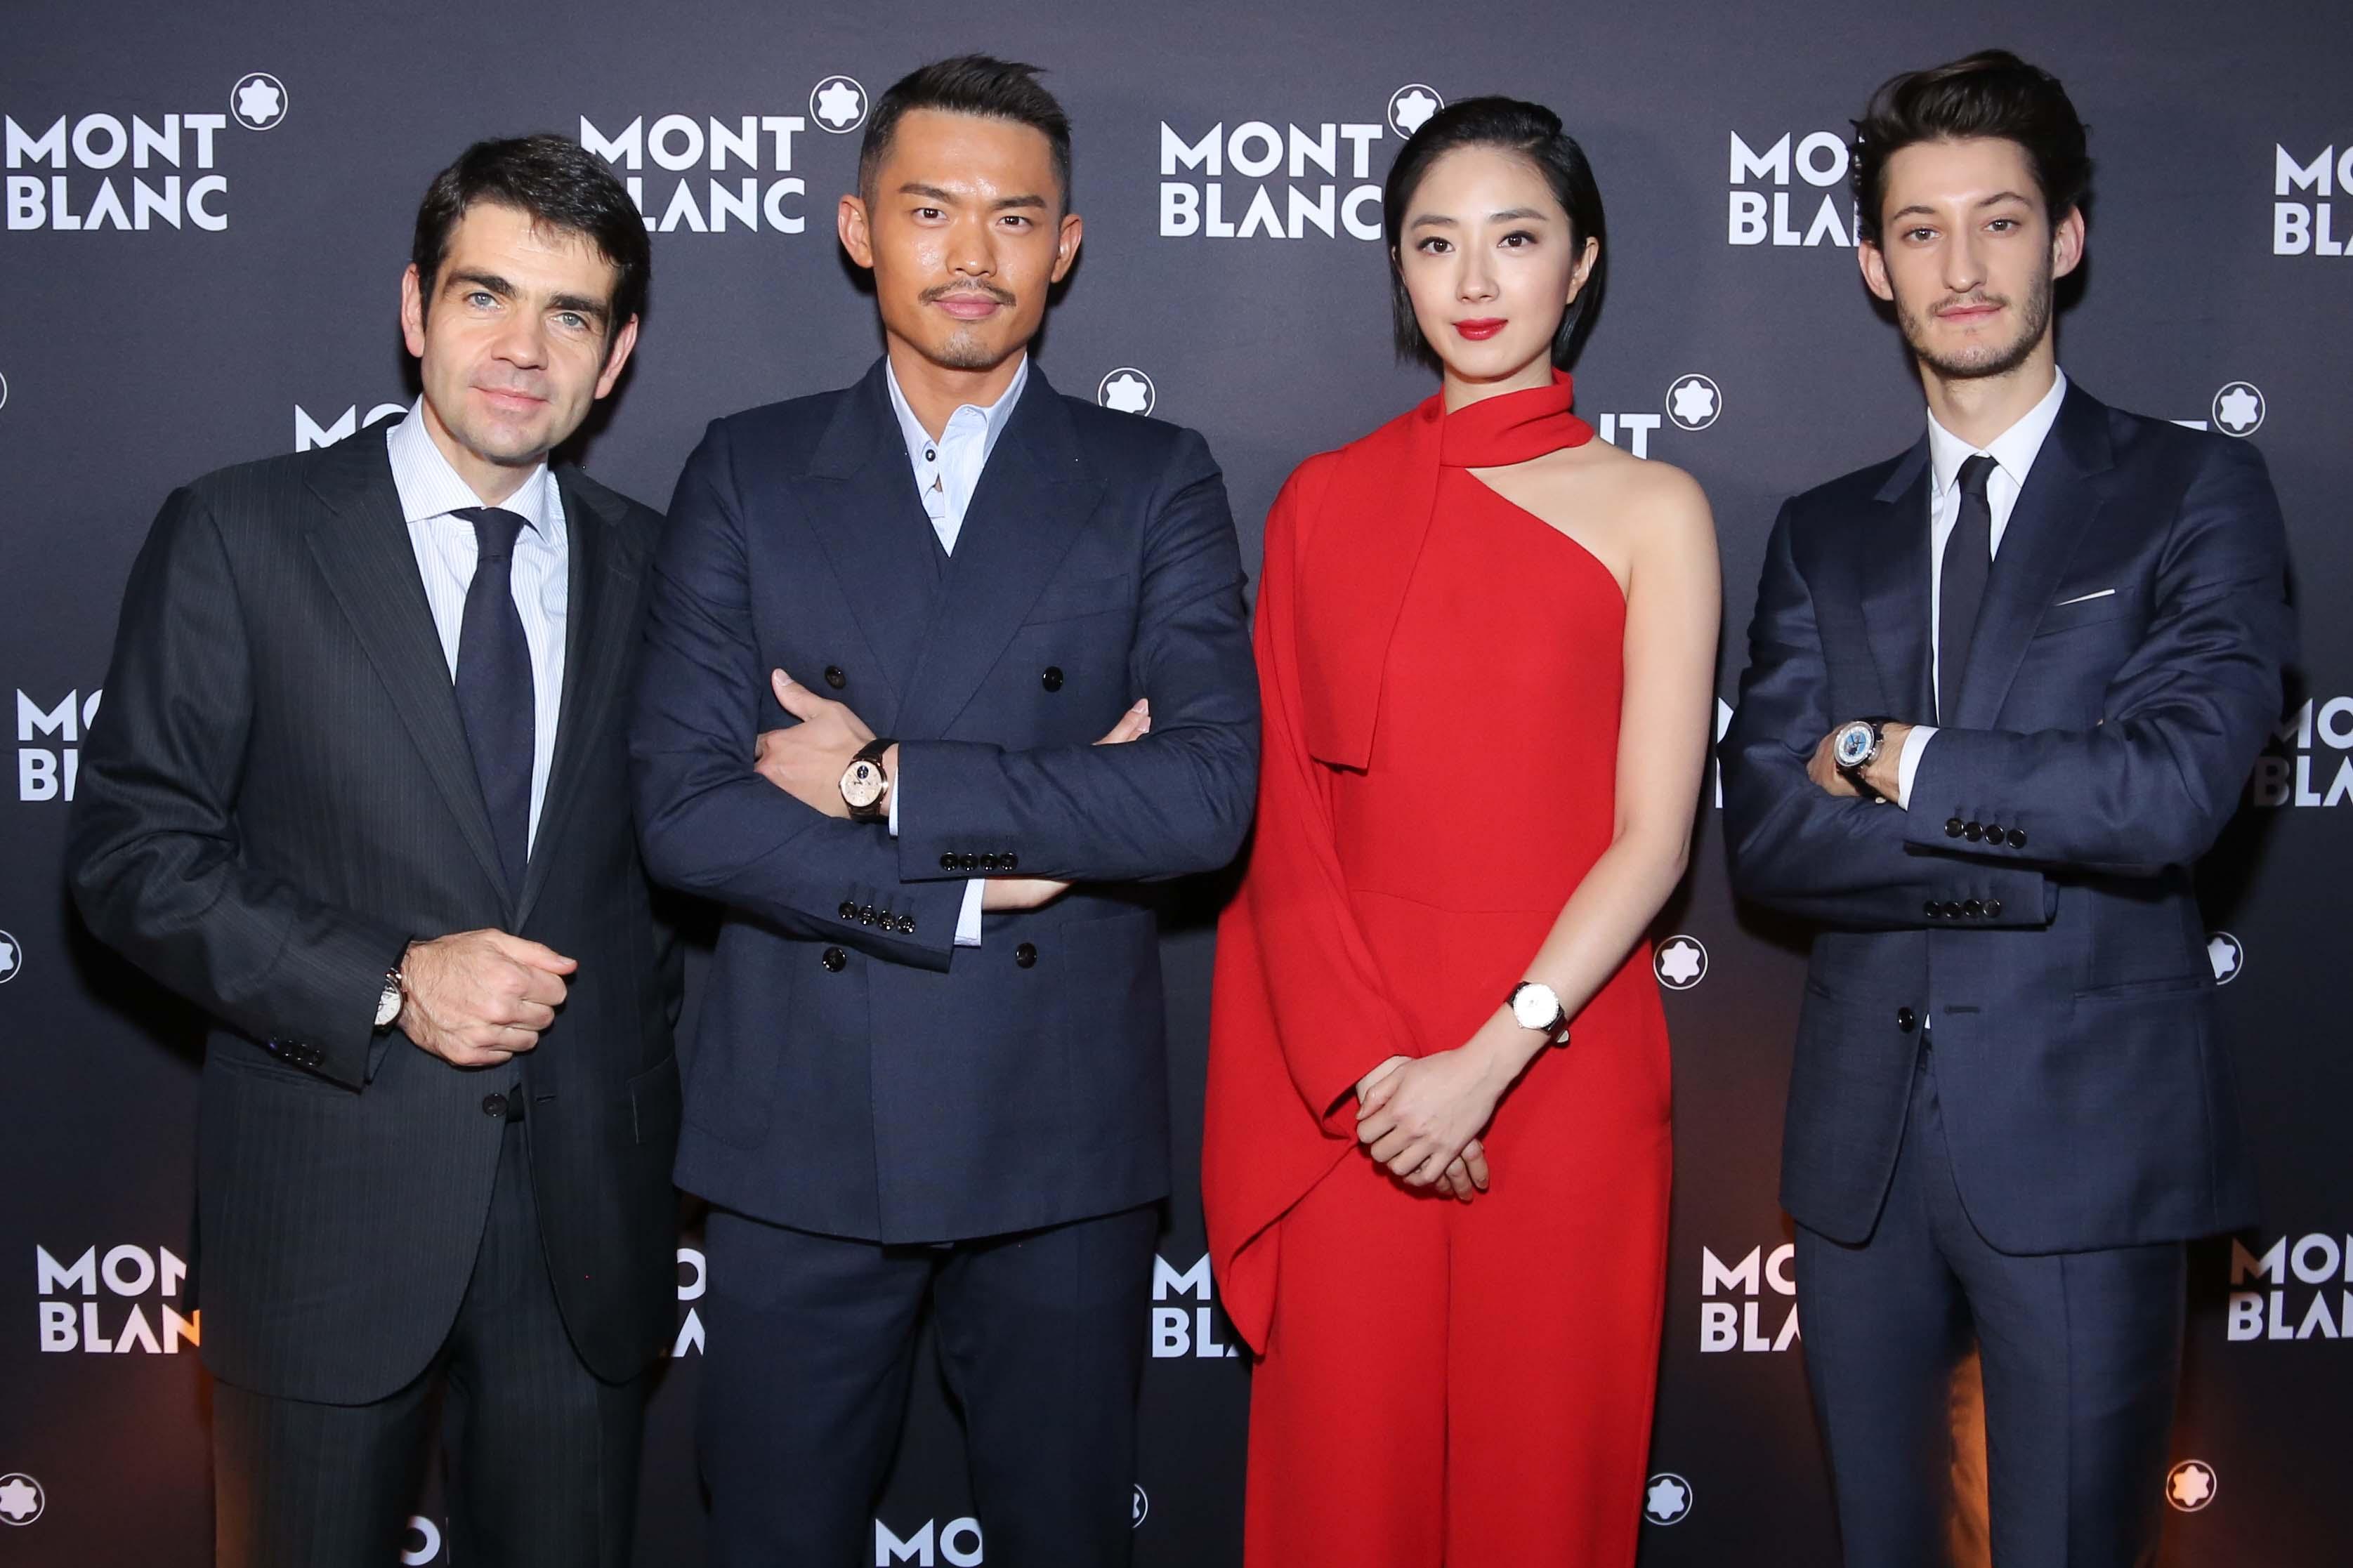 Montblanc celebra la presentación de Charlotte Casiraghi como la Embajadora Mundial de la Marca